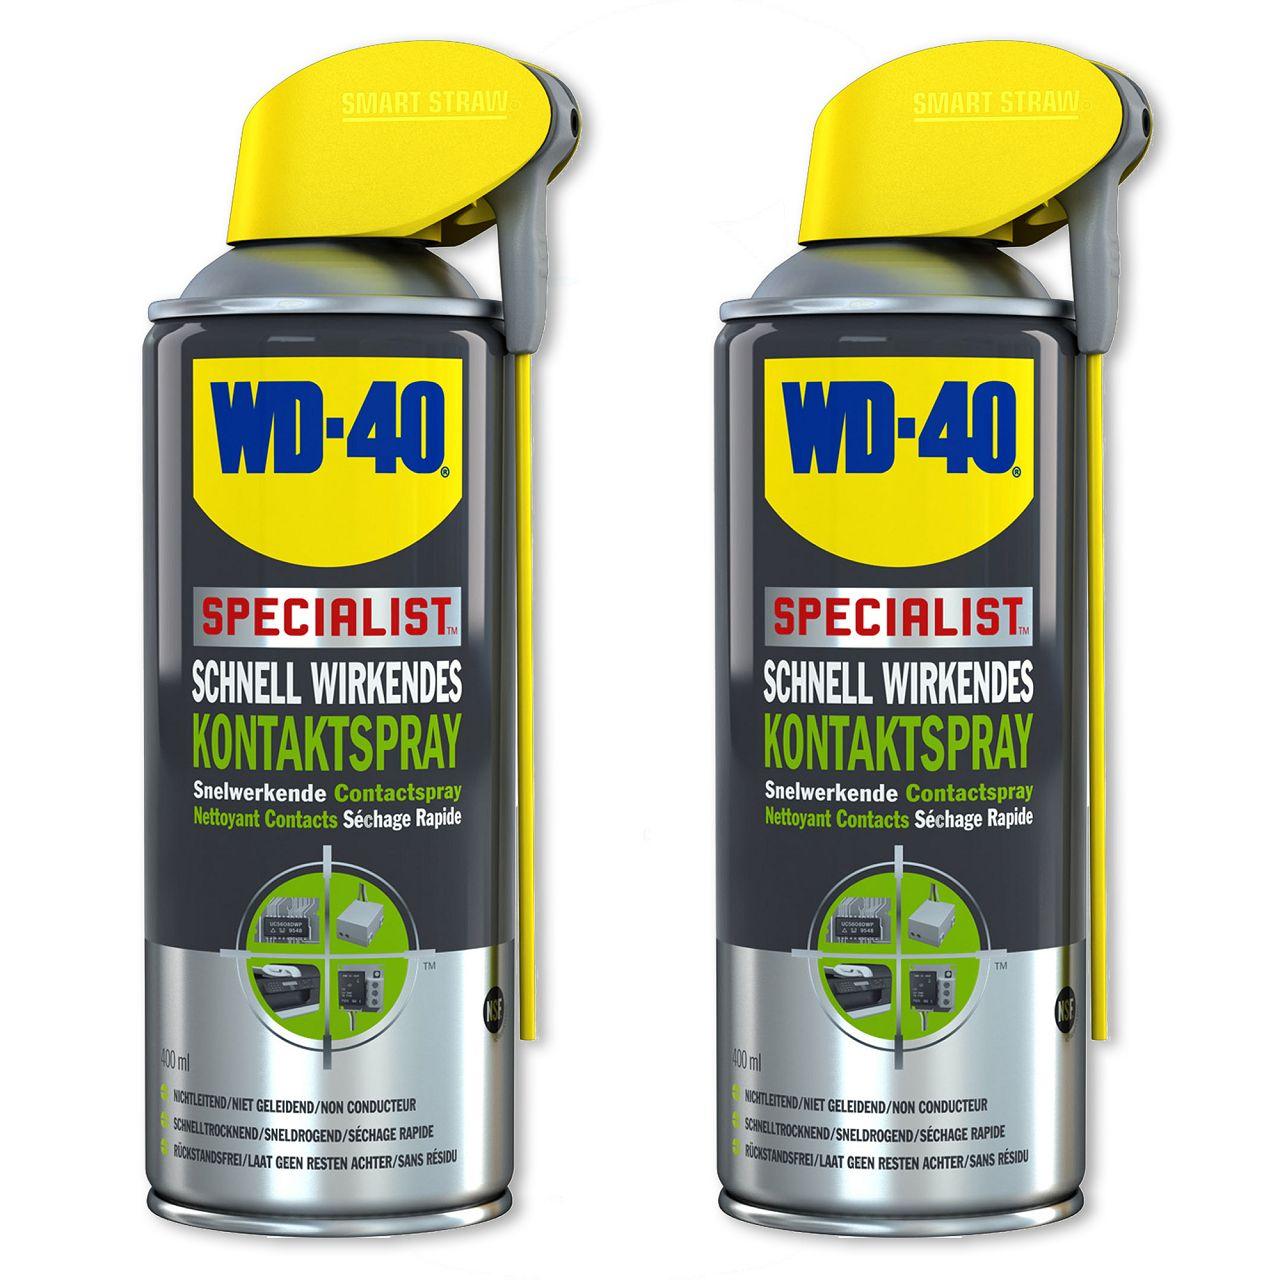 WD-40 SPECIALIST 49368 Kontaktspray Kontaktreiniger Elektronikspray 2x 400ml